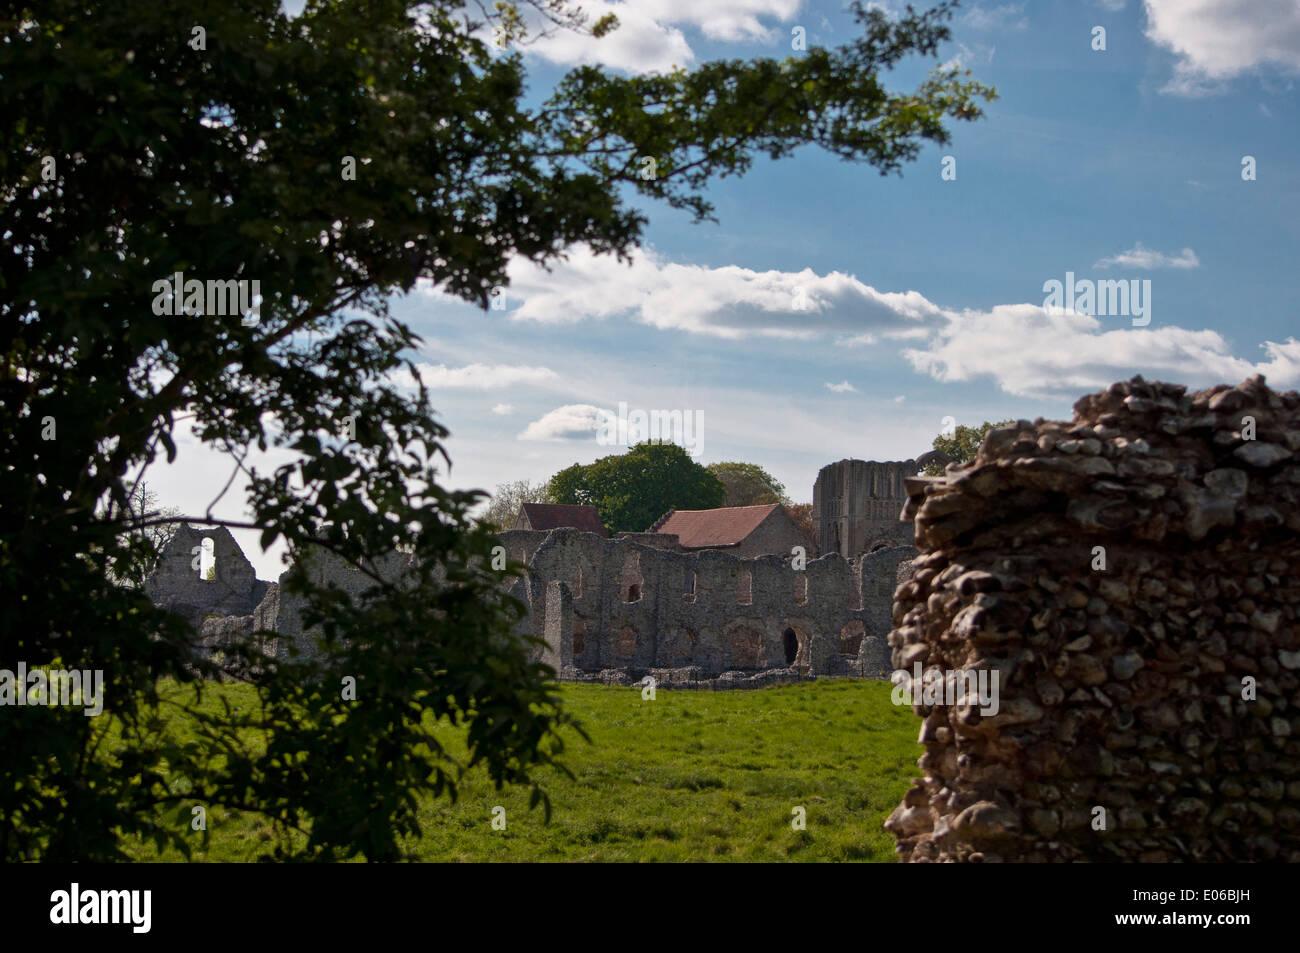 Castle Acre prieuré Photo Stock